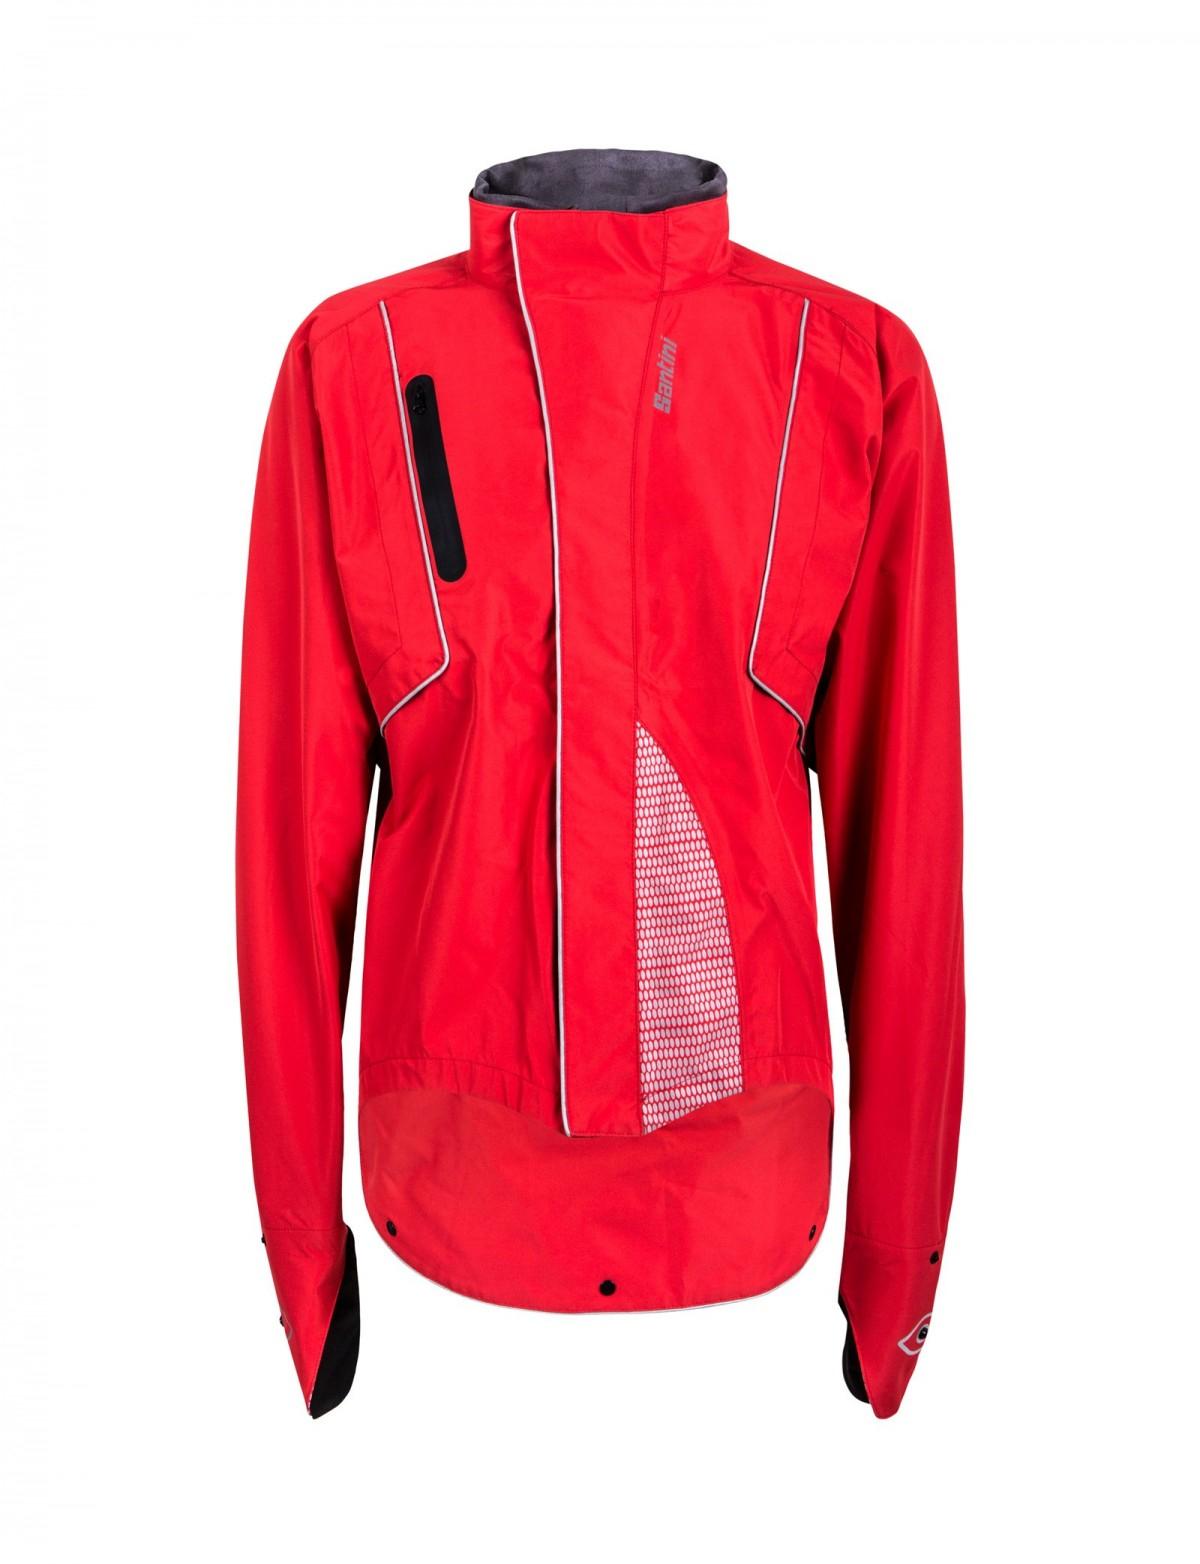 Veste de cyclisme Santini Drun Rain - noir ou rouge (Imperméable,du S au 3XL)